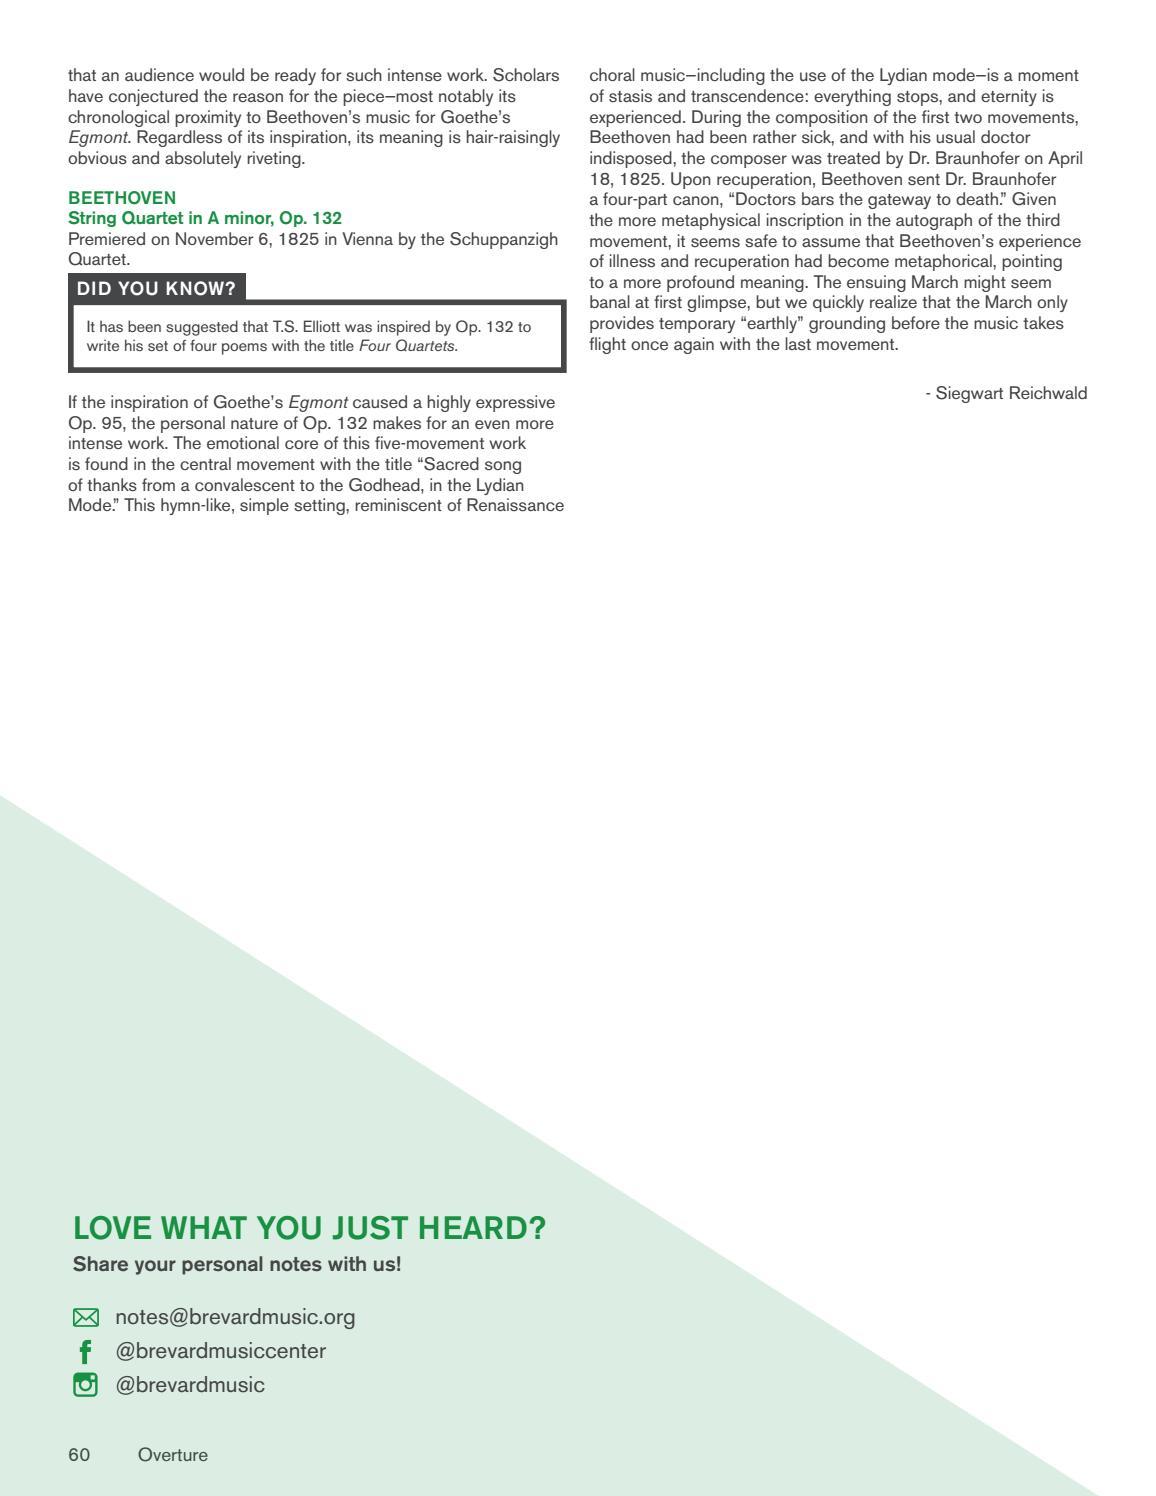 2019 BMC Overture Magazine by Brevard Music Center - issuu